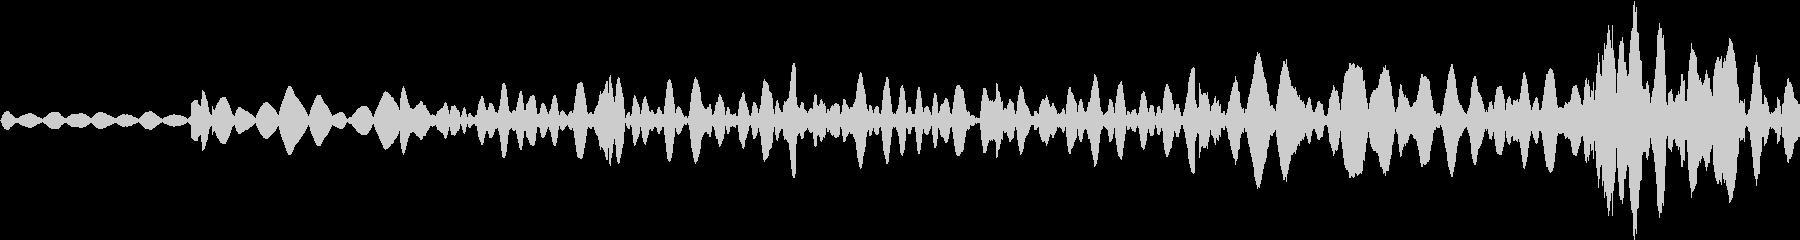 VORTEXスワイプの未再生の波形